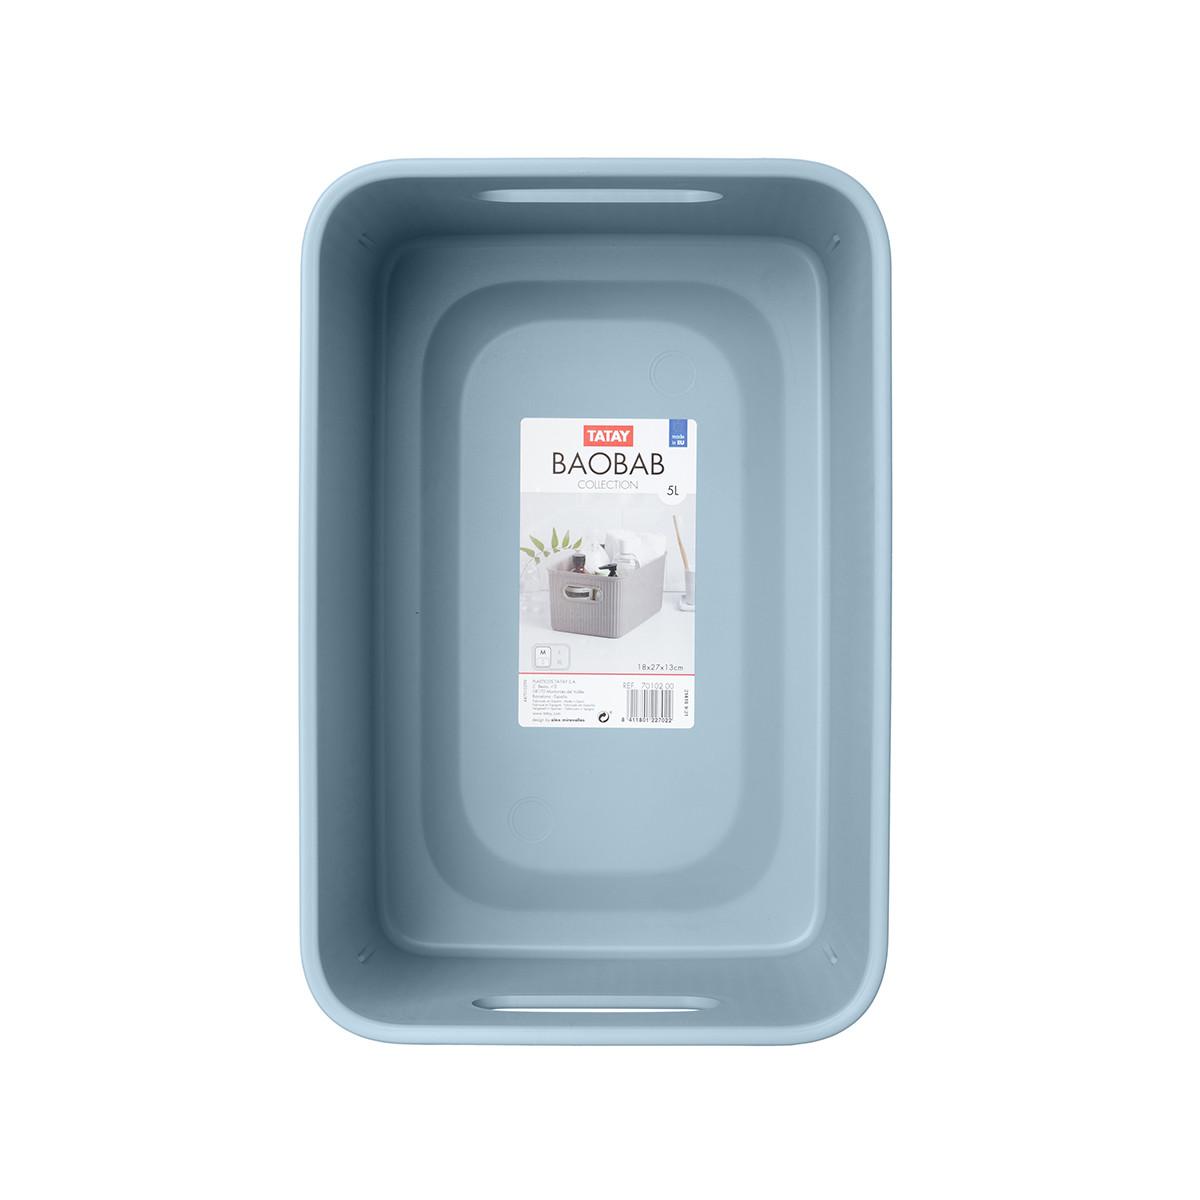 Κουτί Αποθήκευσης Tatay Baobab Medium 70102.00 Blue Mist